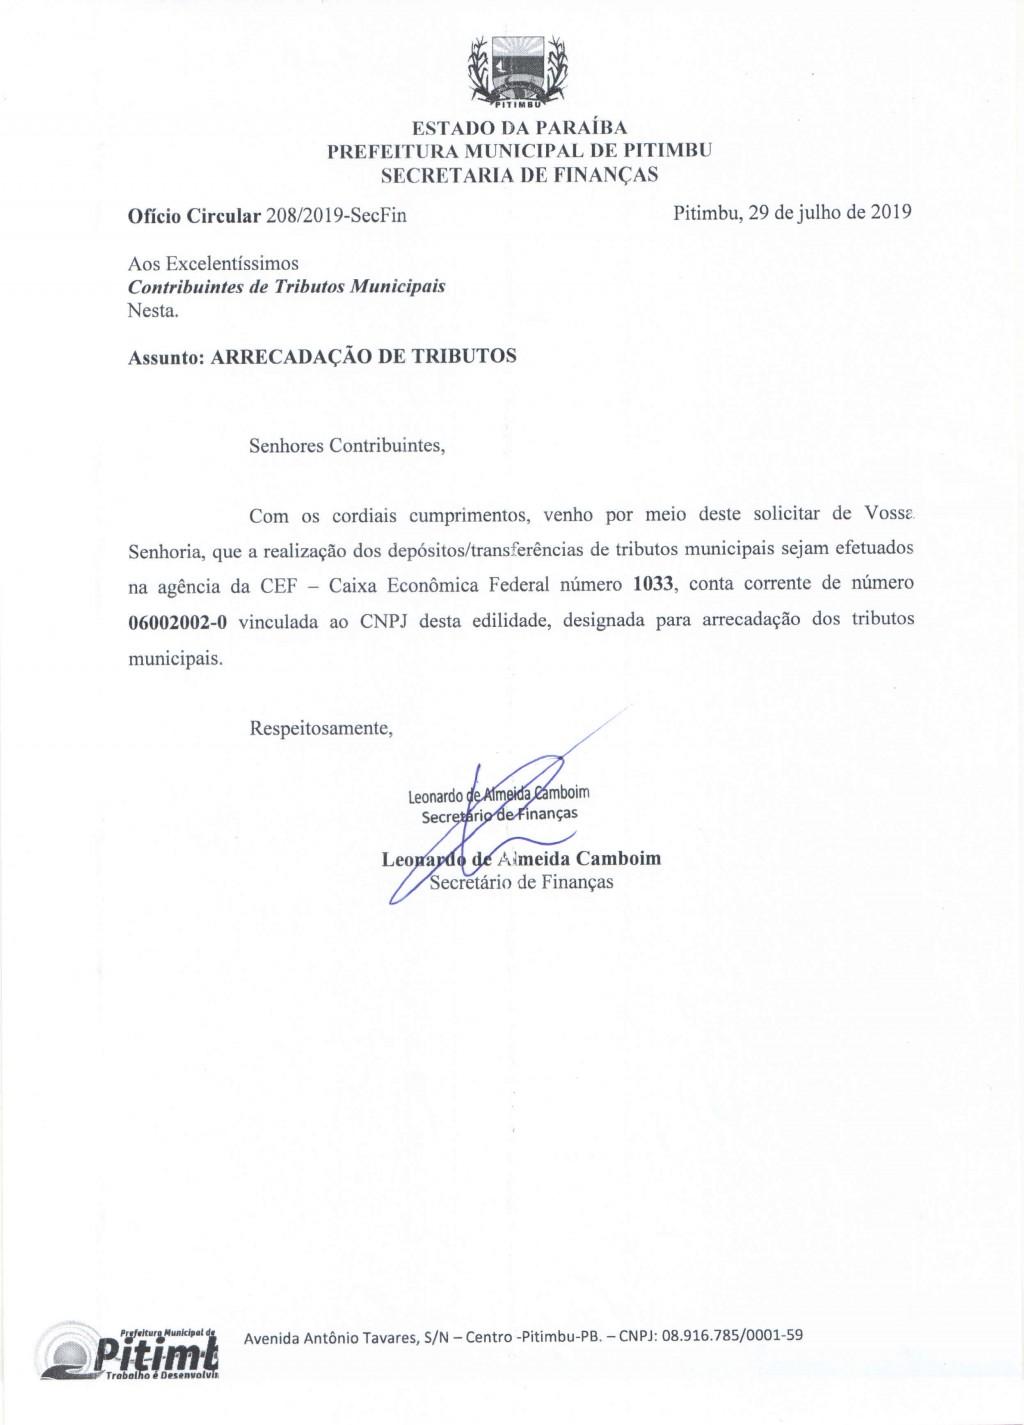 Ofício Circular 208/2019 - Secretaria de Finanças (Assunto: Arrecadação de Tributos)